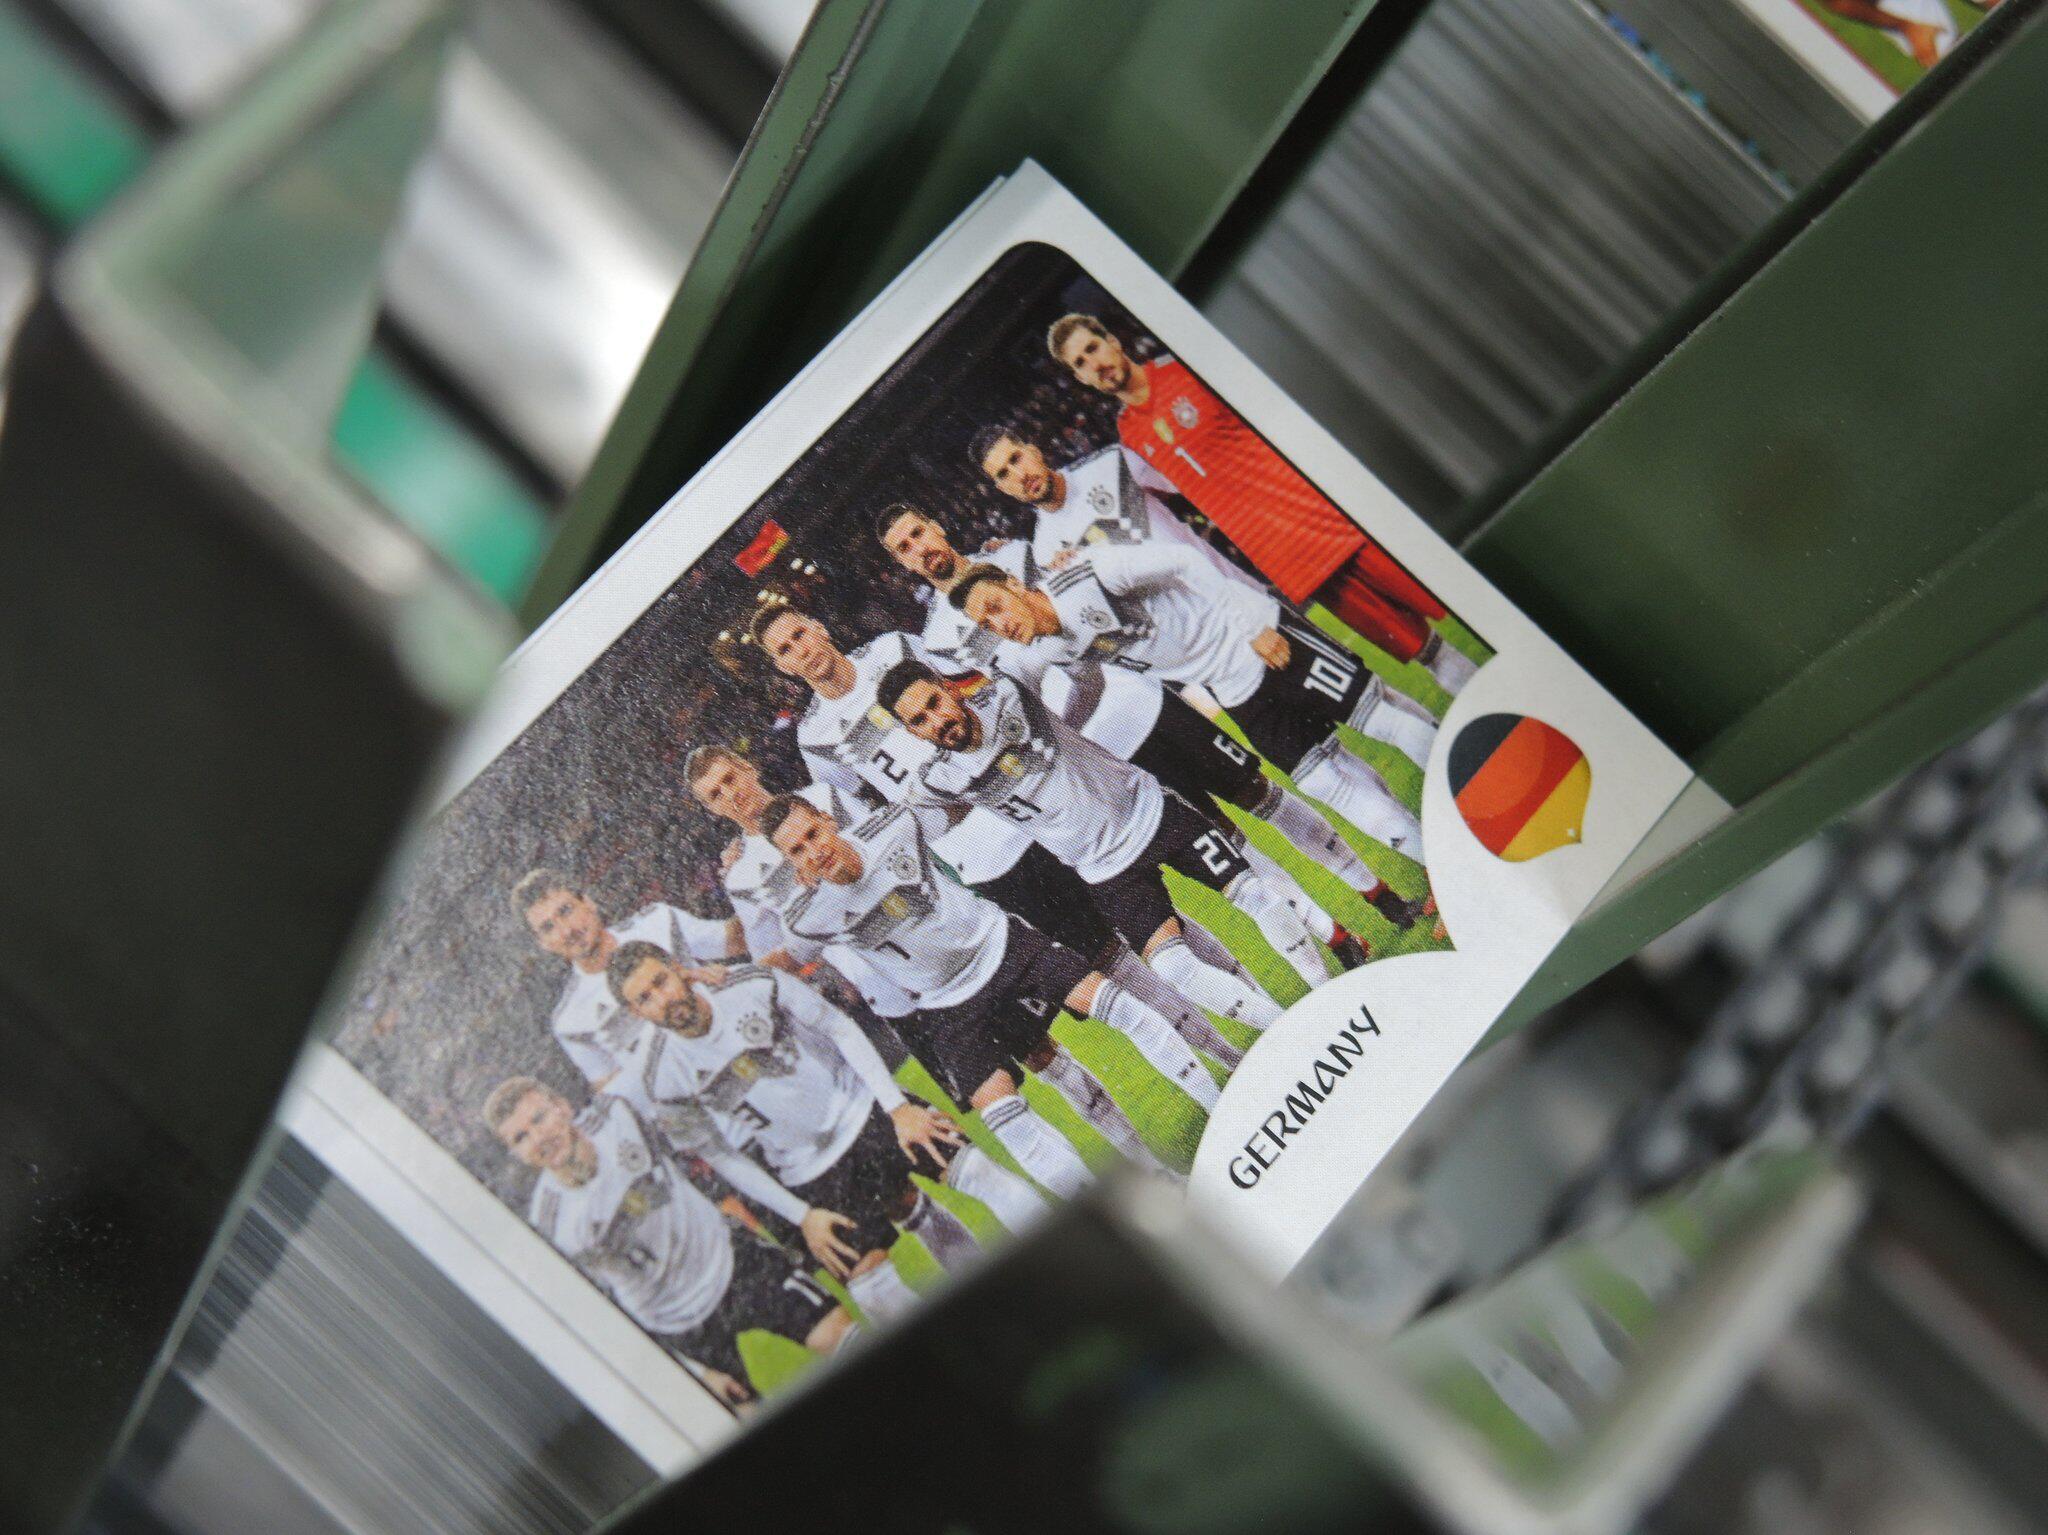 Bild zu Panini-Sammelalbum zur WM in Russland